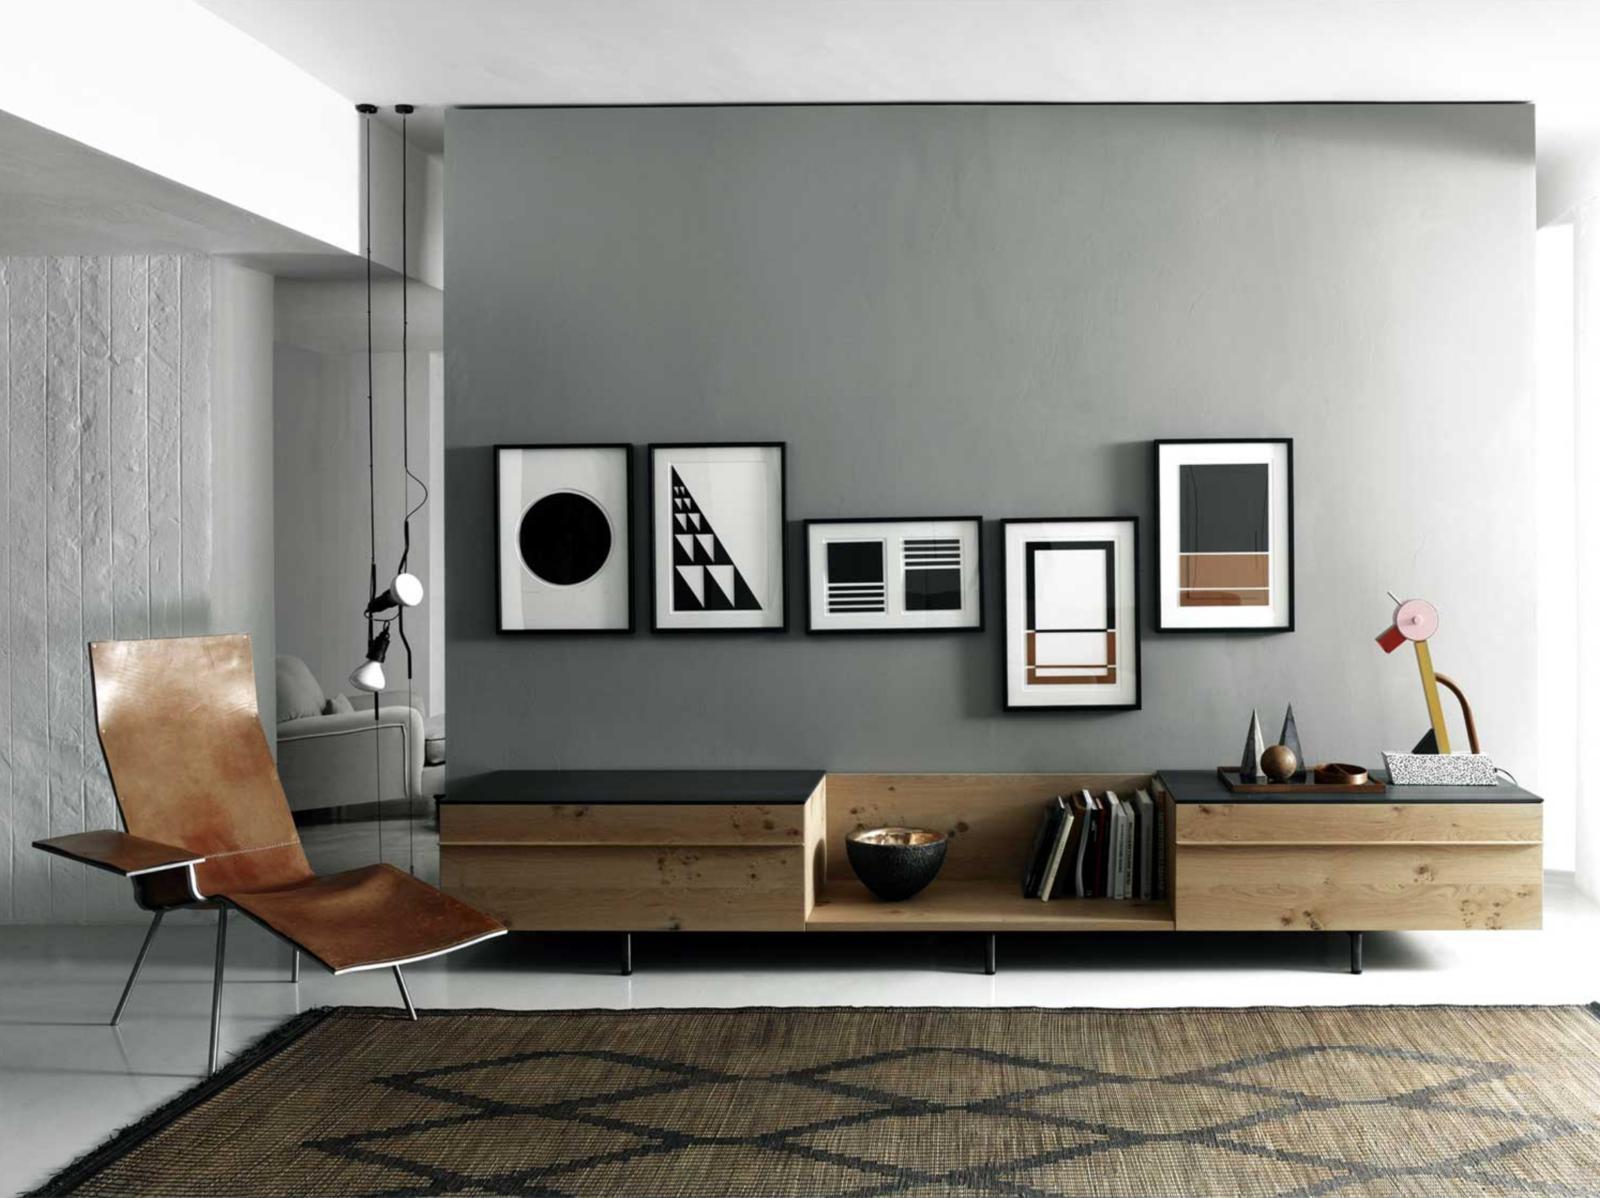 Boffi en depadova italiaans vakmanschap minimalistisch design - Keuken minimalistisch design ...